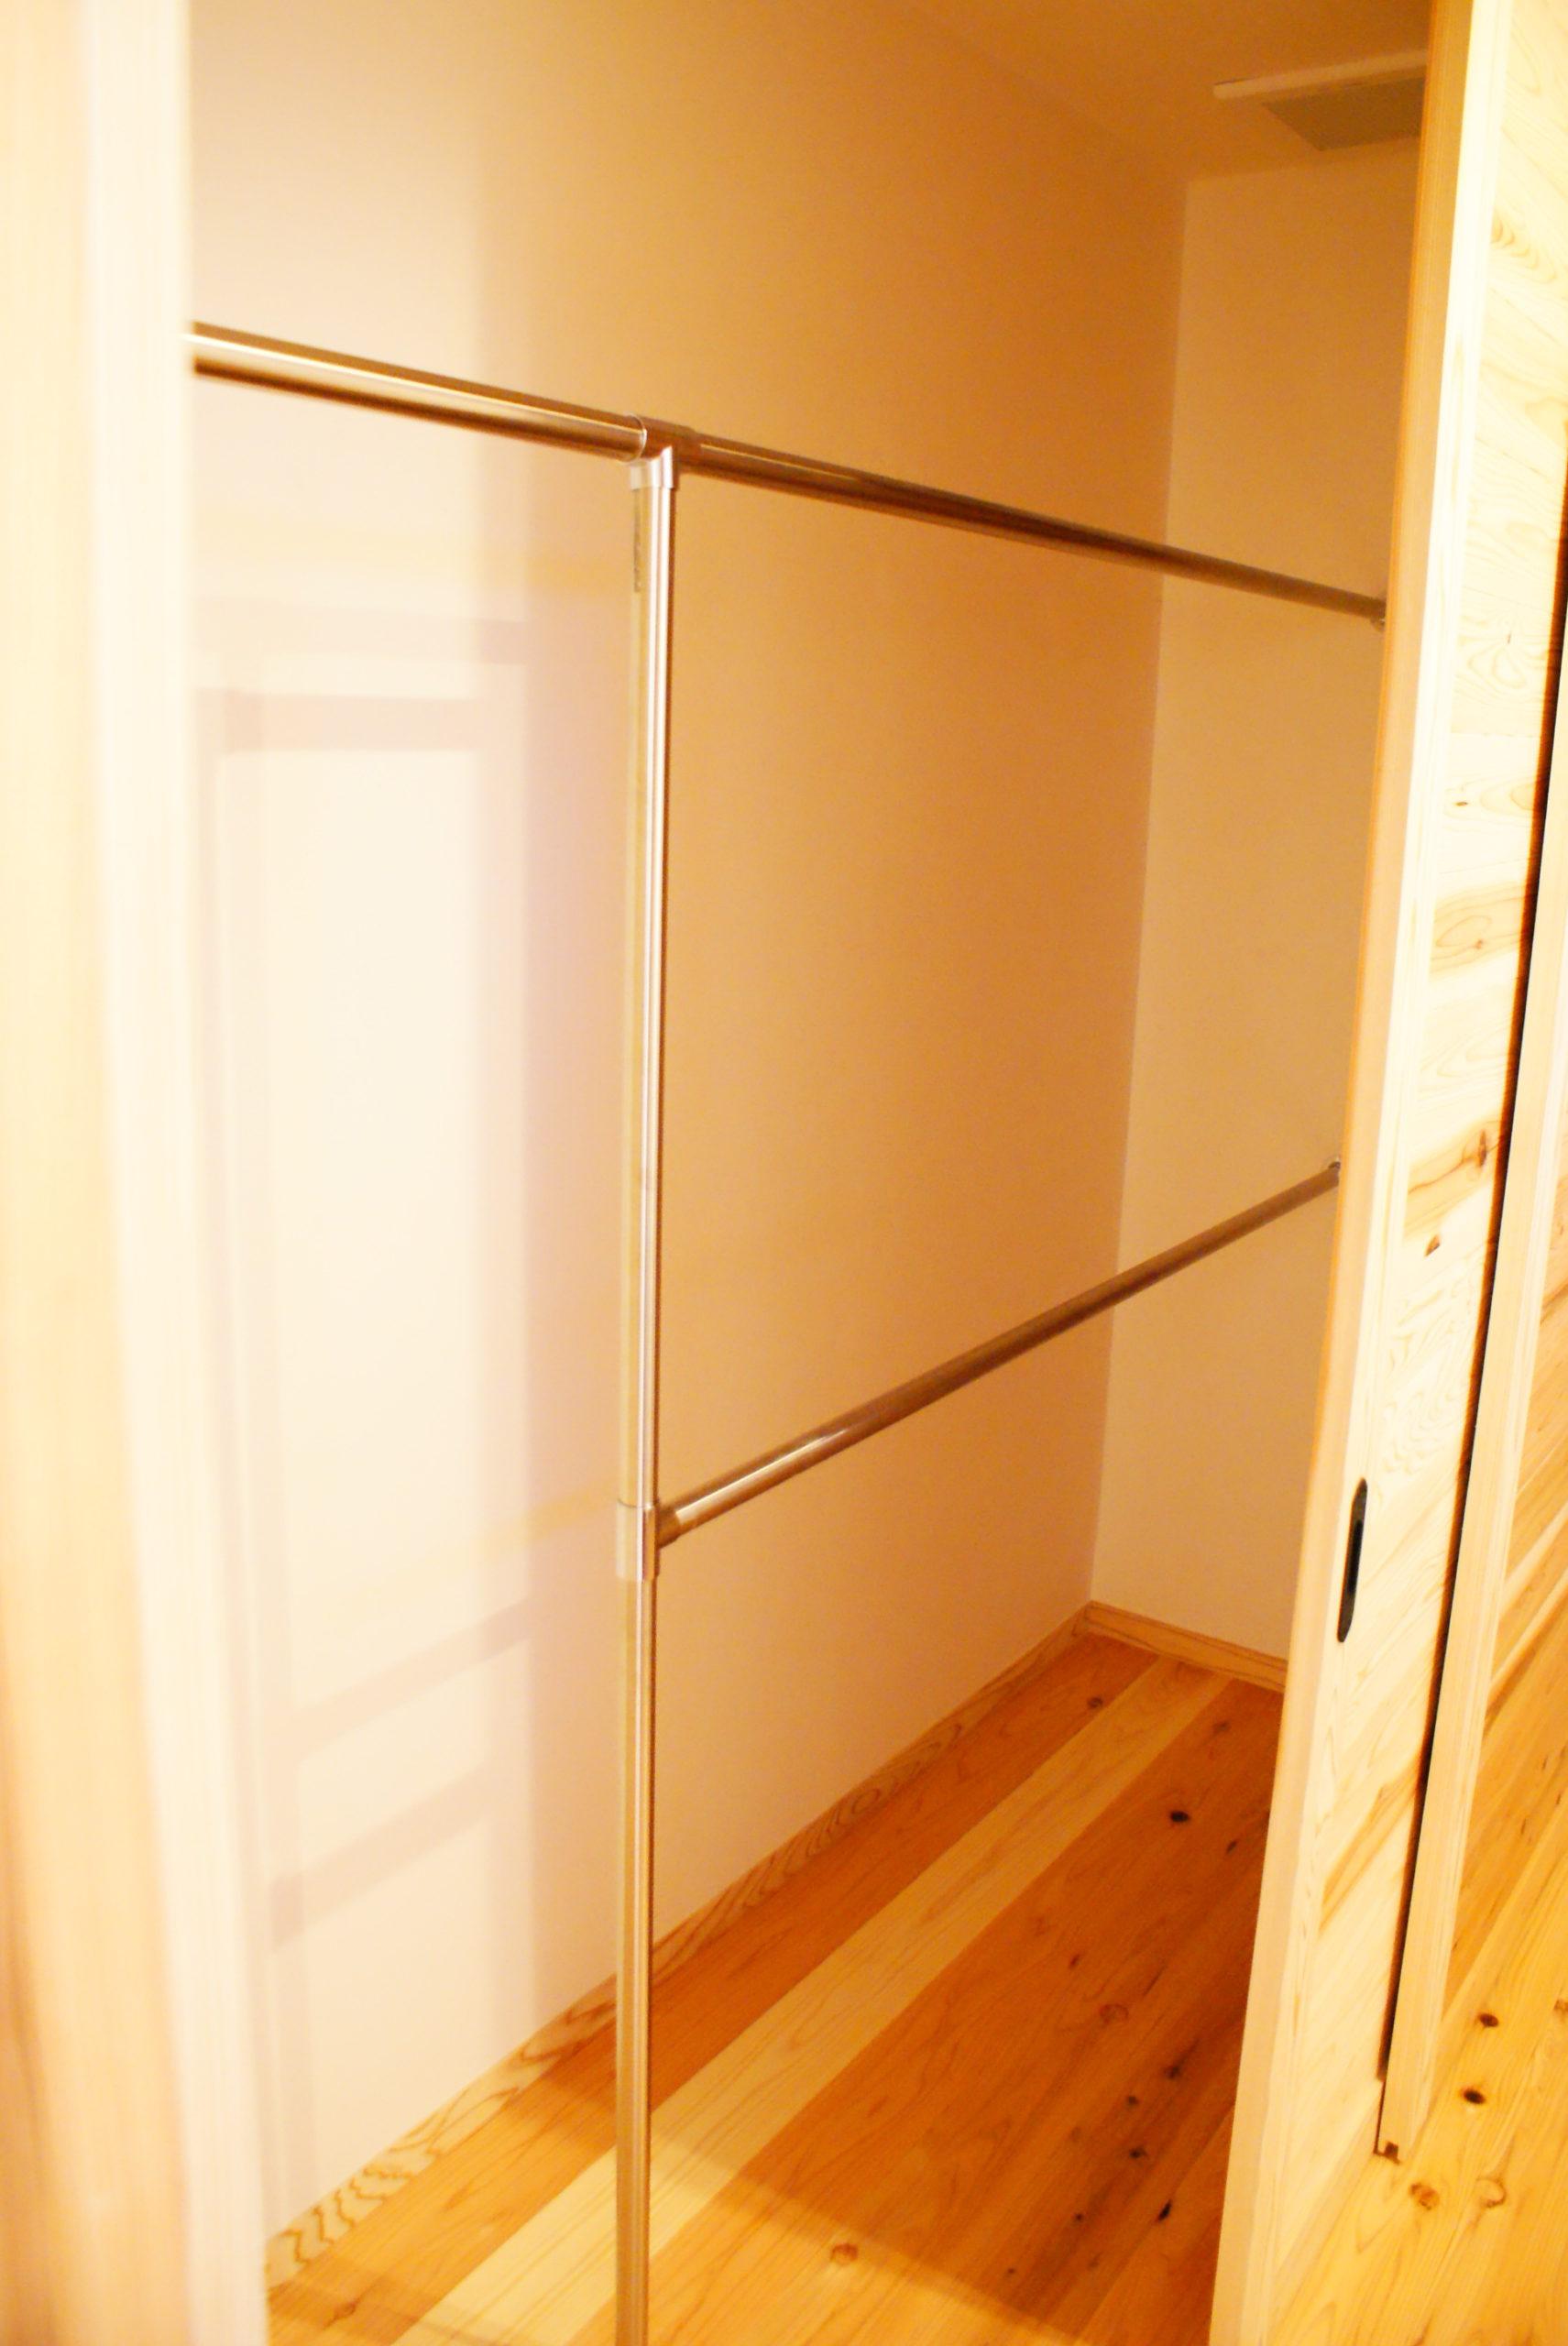 物干し専用スペース、              天気も花粉も気にせずお洗濯!           そして洗面脱衣室にもキッチンにも        隣接していて使い勝手良し!